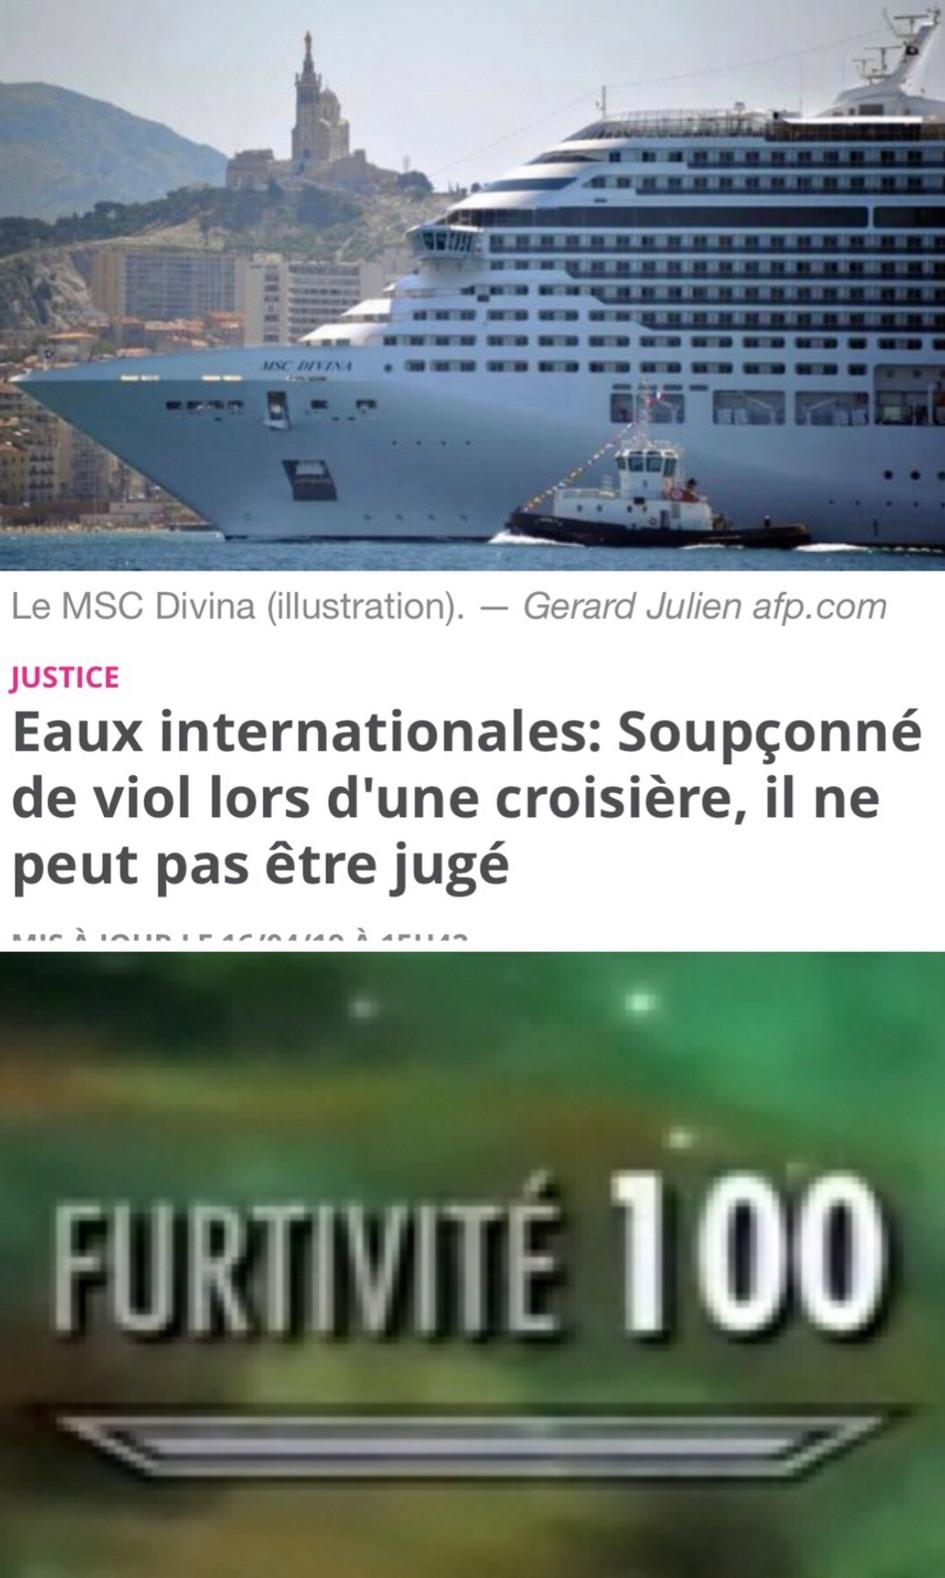 FURTIF - meme